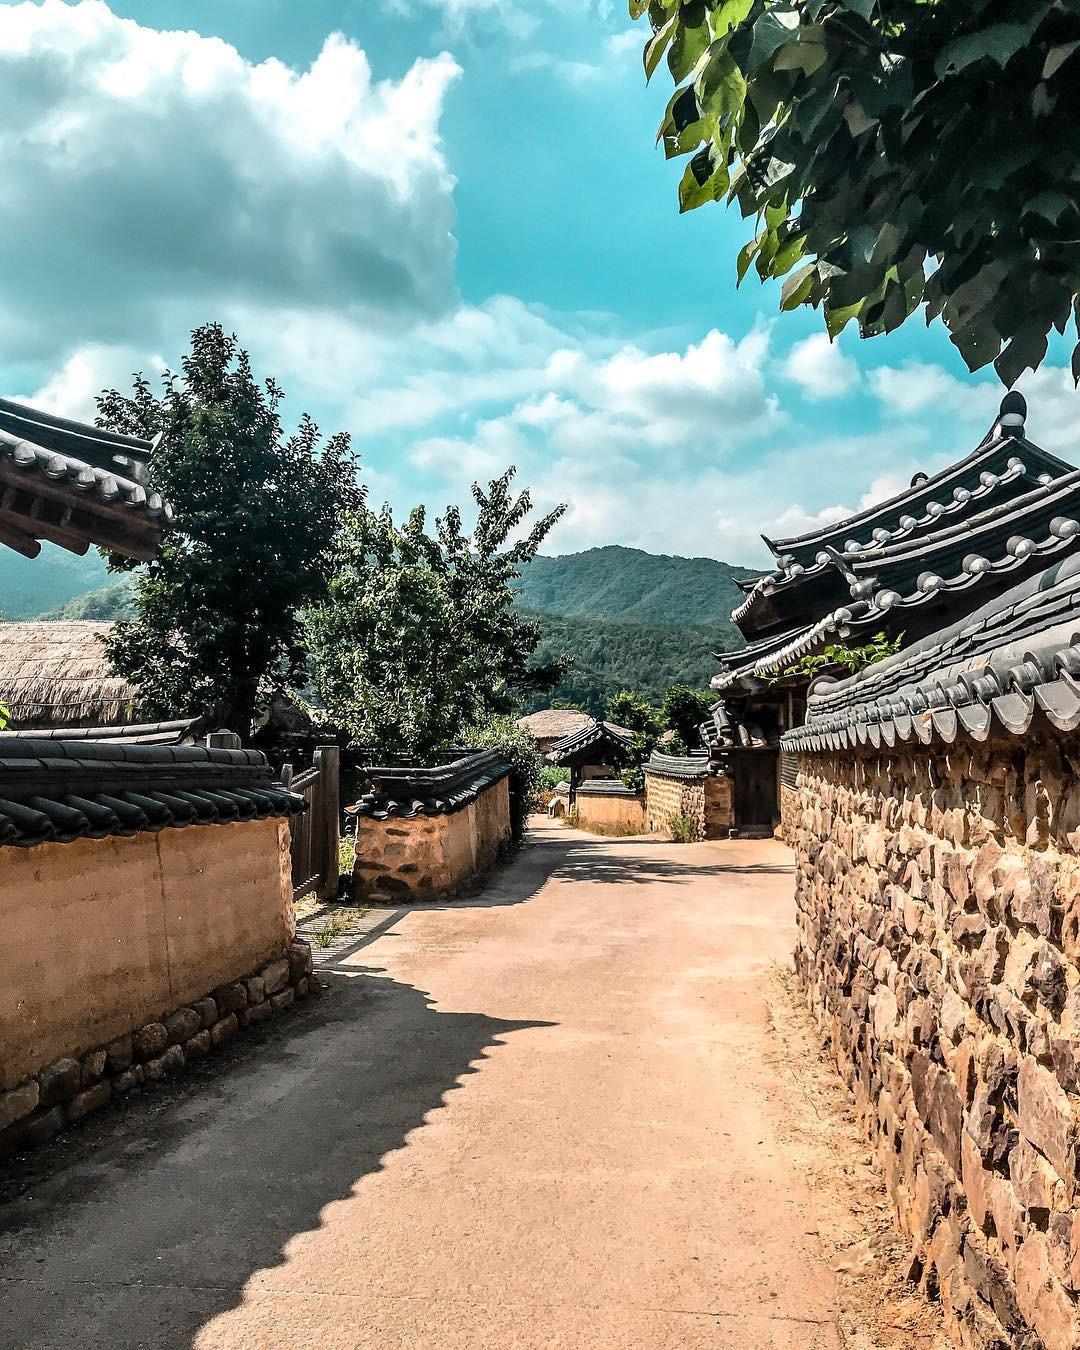 Thong thong khám phá văn hóa truyền thống tại 5 ngôi làng cổ đặc sắc nhất xứ Hàn - Ảnh 9.